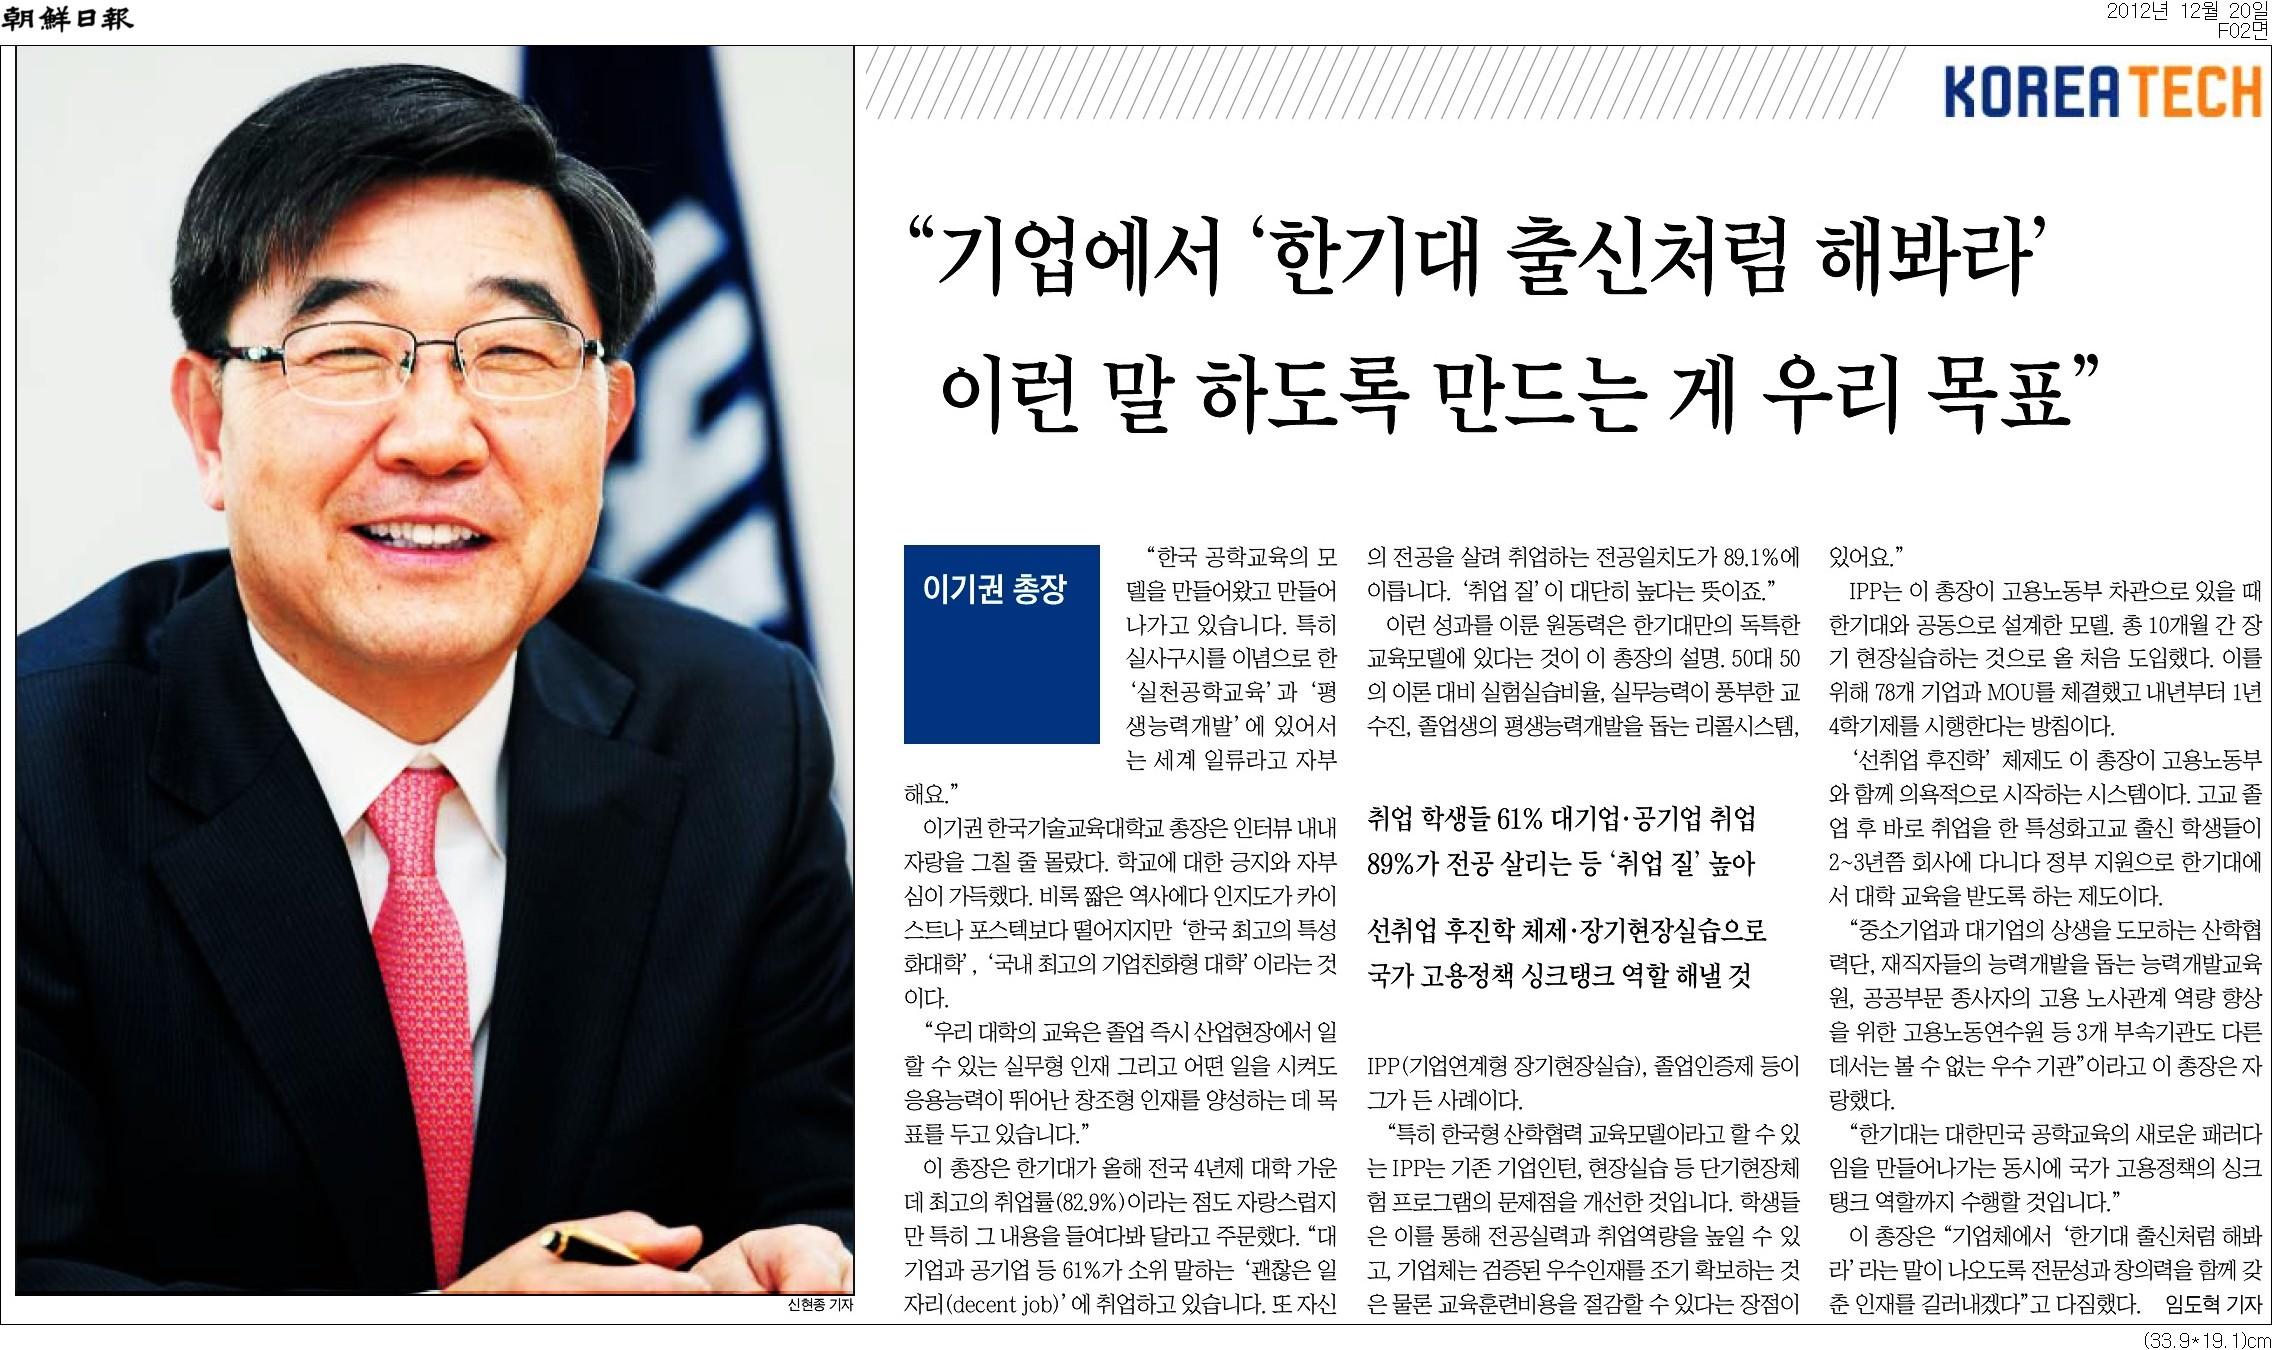 [조선일보]˝기업에서 '한기대 출신처럼 해봐라' 이런 말 하도록 만드는 게 우리 목표˝